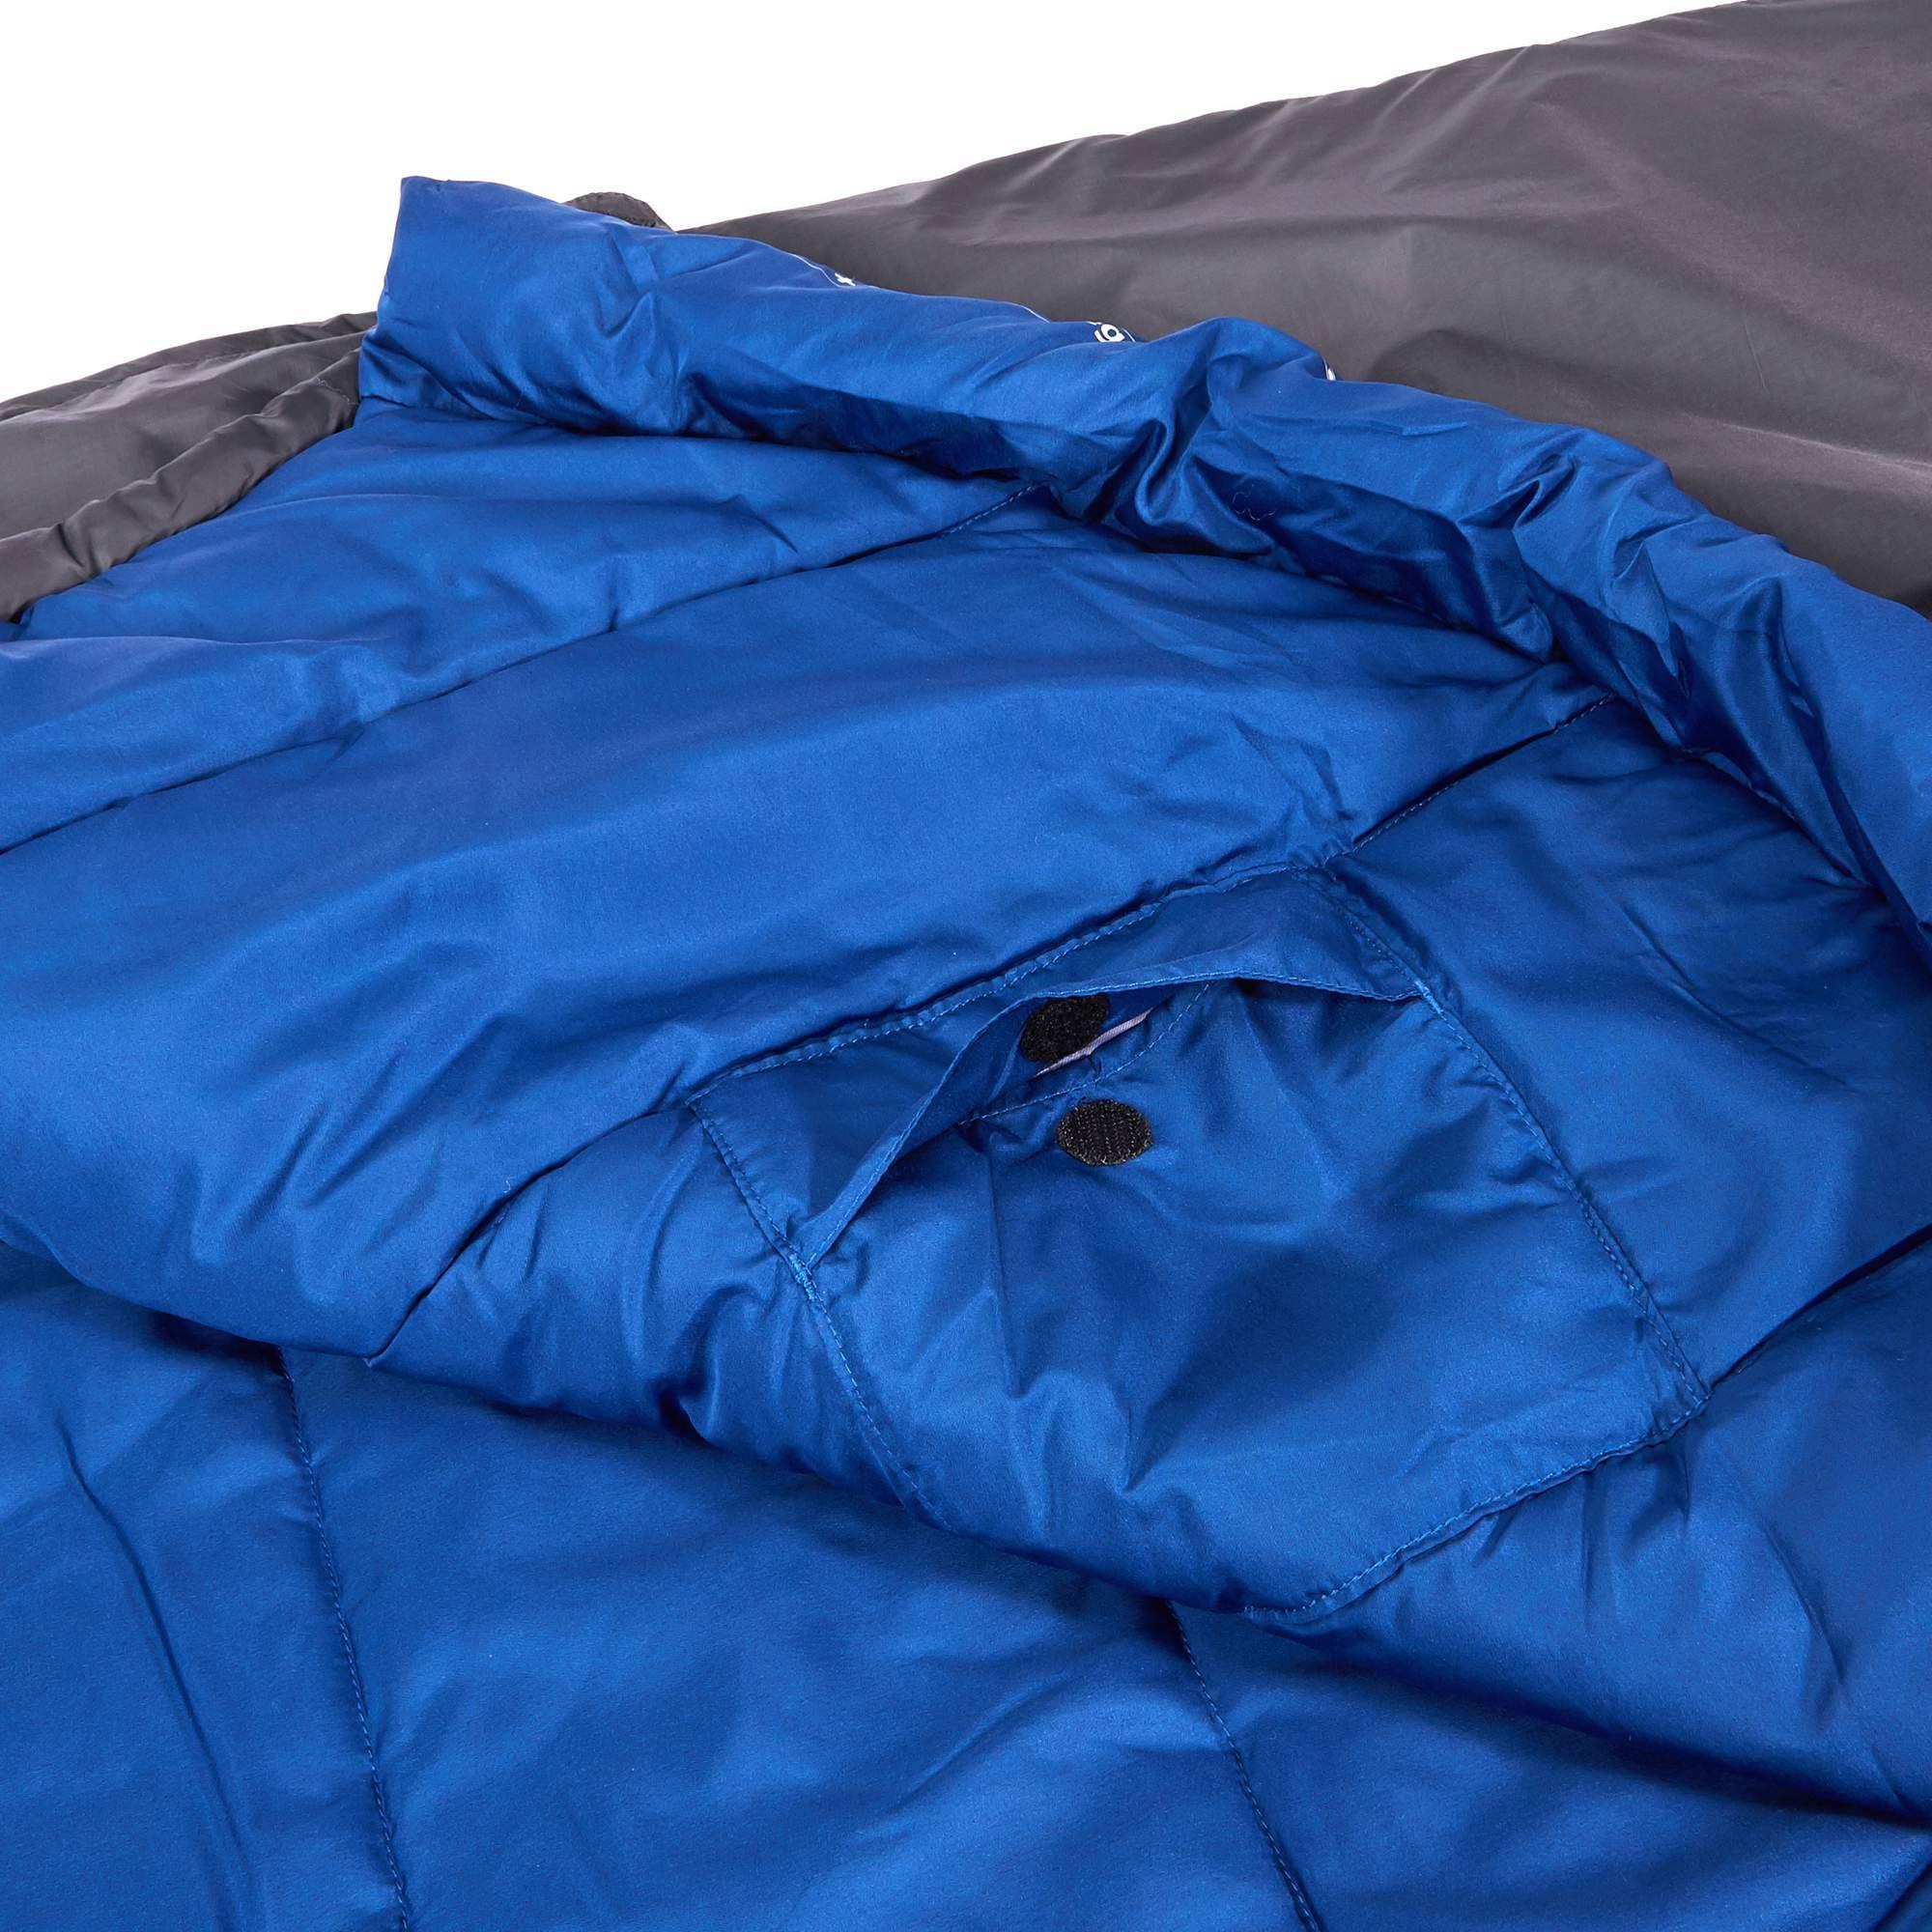 Спальный мешок Deuter Orbit +5° - фото 10